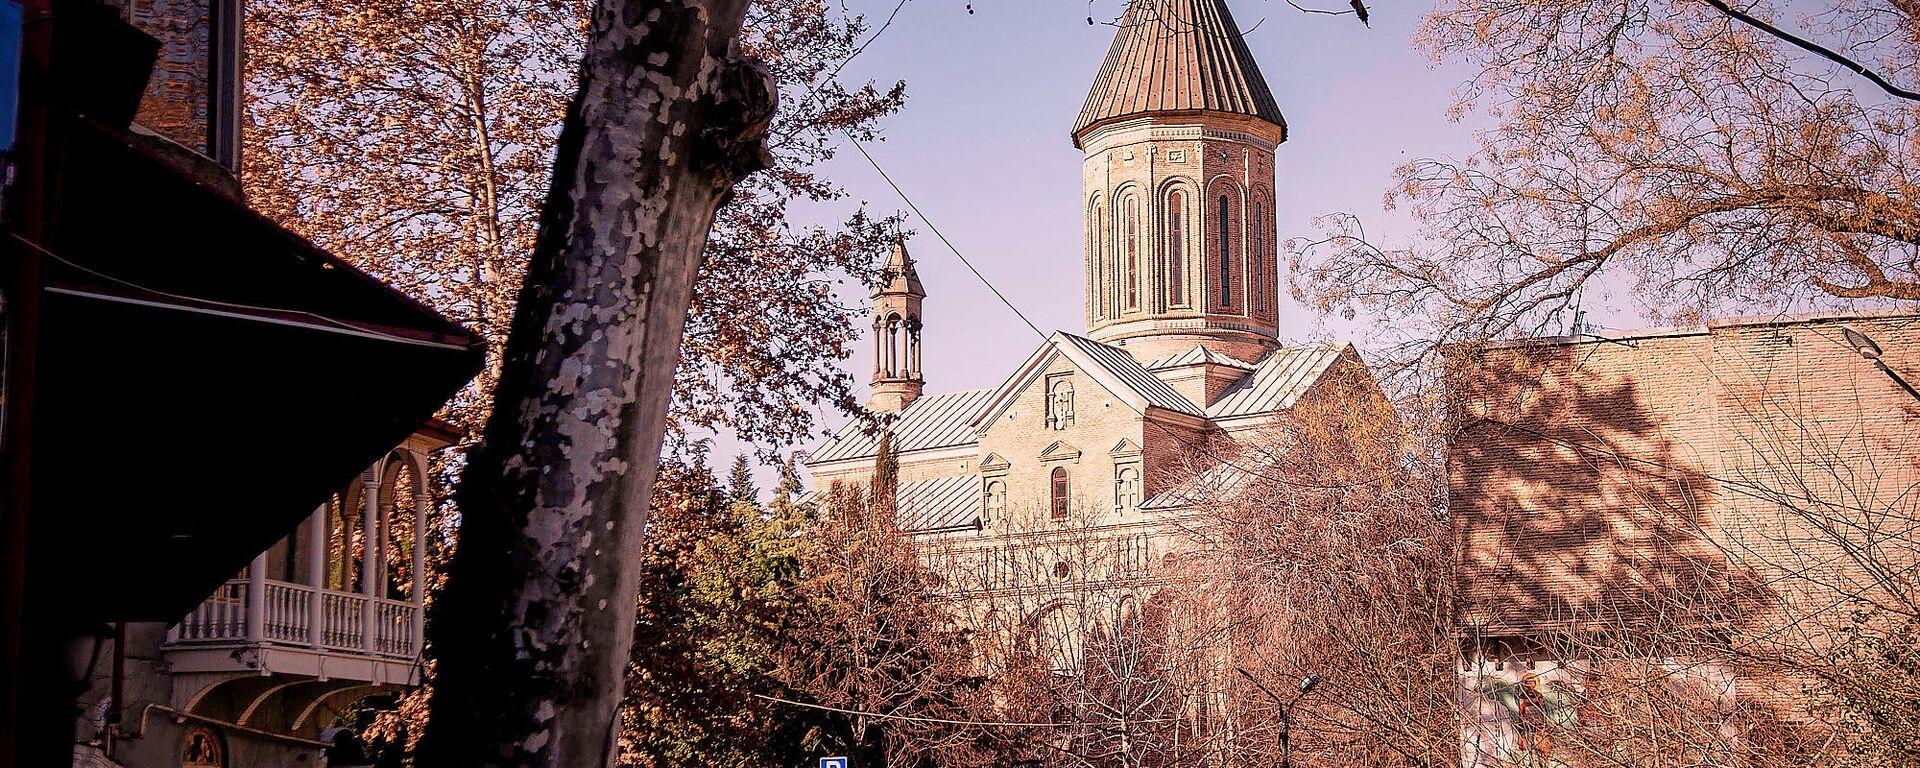 Мечеть, синагога и церкви в одном квартале - как в Тбилиси уживаются все религии - Sputnik Грузия, 1920, 20.01.2019